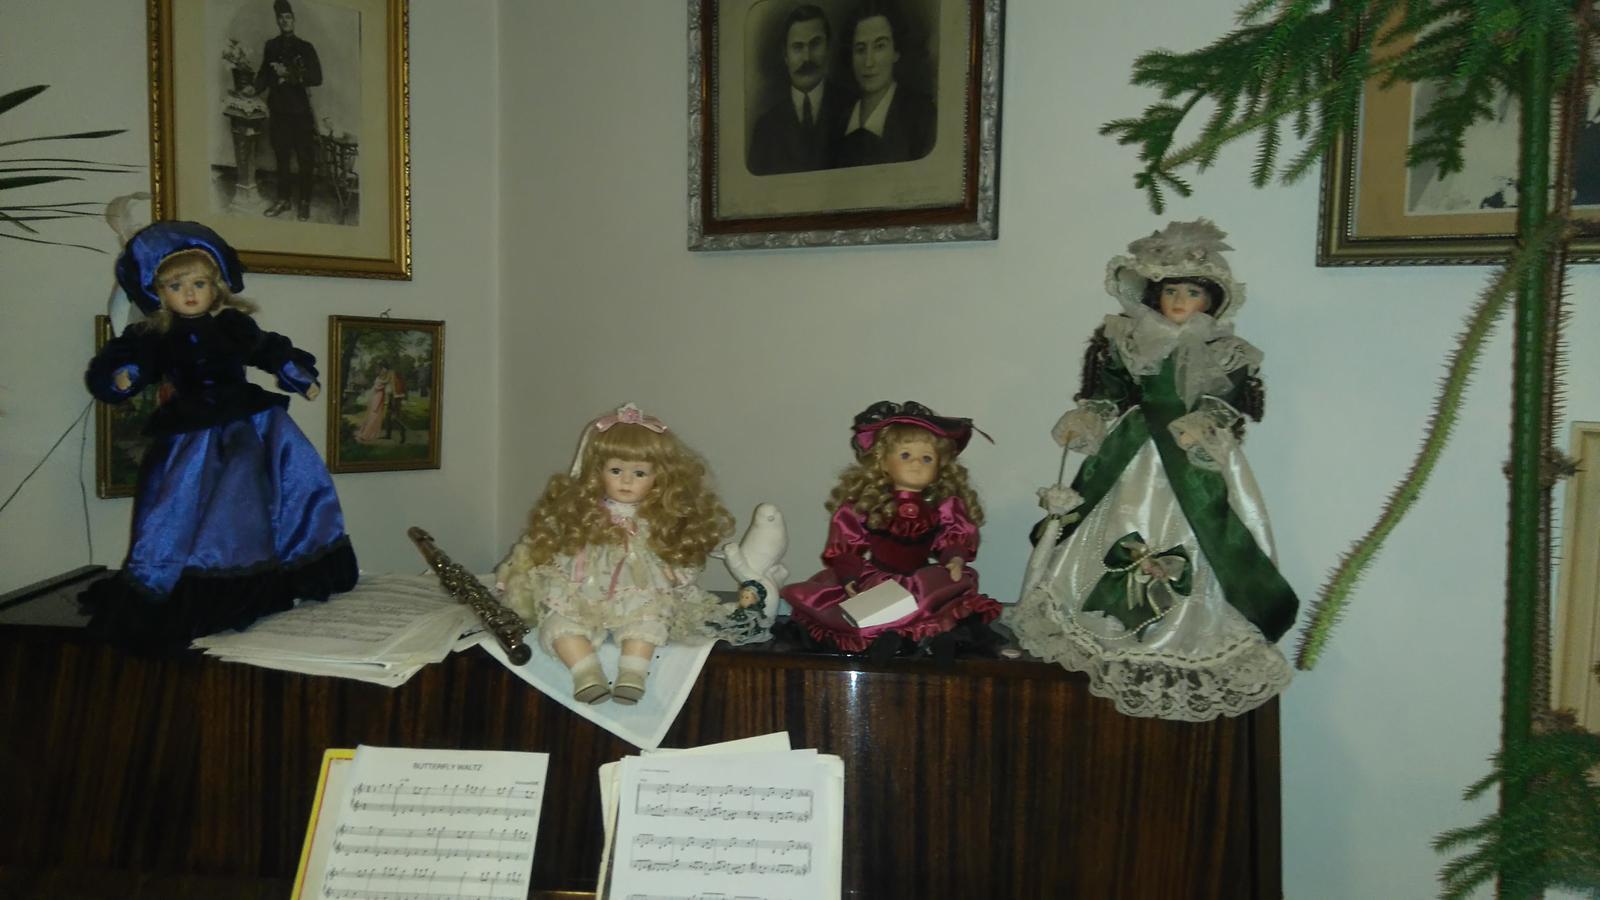 """Výzdoba v štýle a la """"babička"""" alebo čo mám naskreckovane :-D - Možno niektorá bábiky pôjde k výzdobe ;-)"""